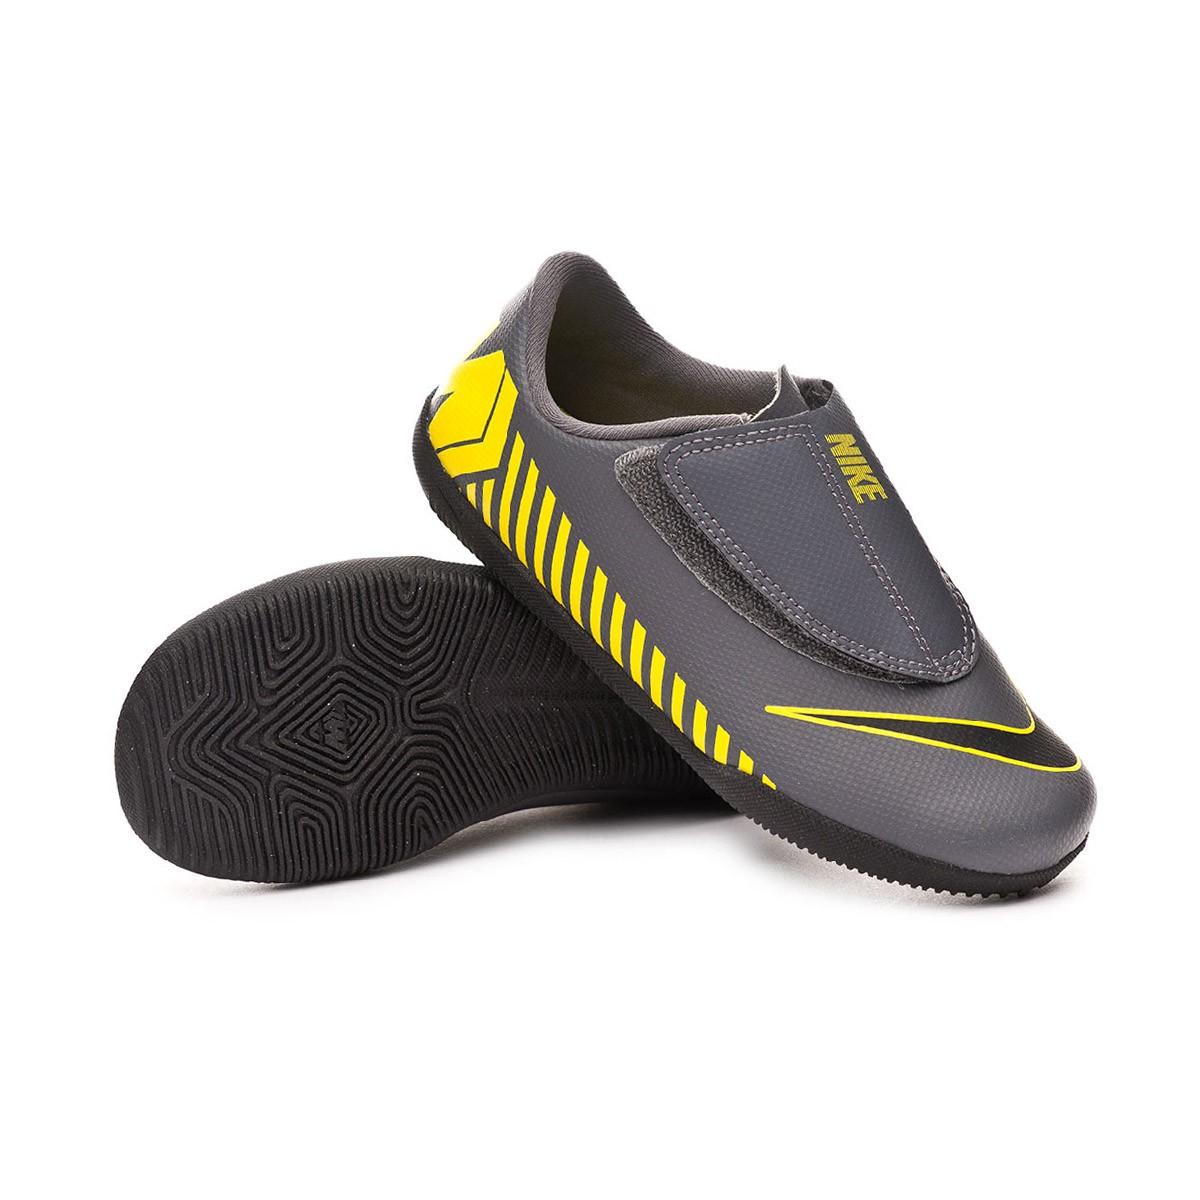 Sapatilha de Futsal Nike Mercurial Vapor XII Club IC Crianças